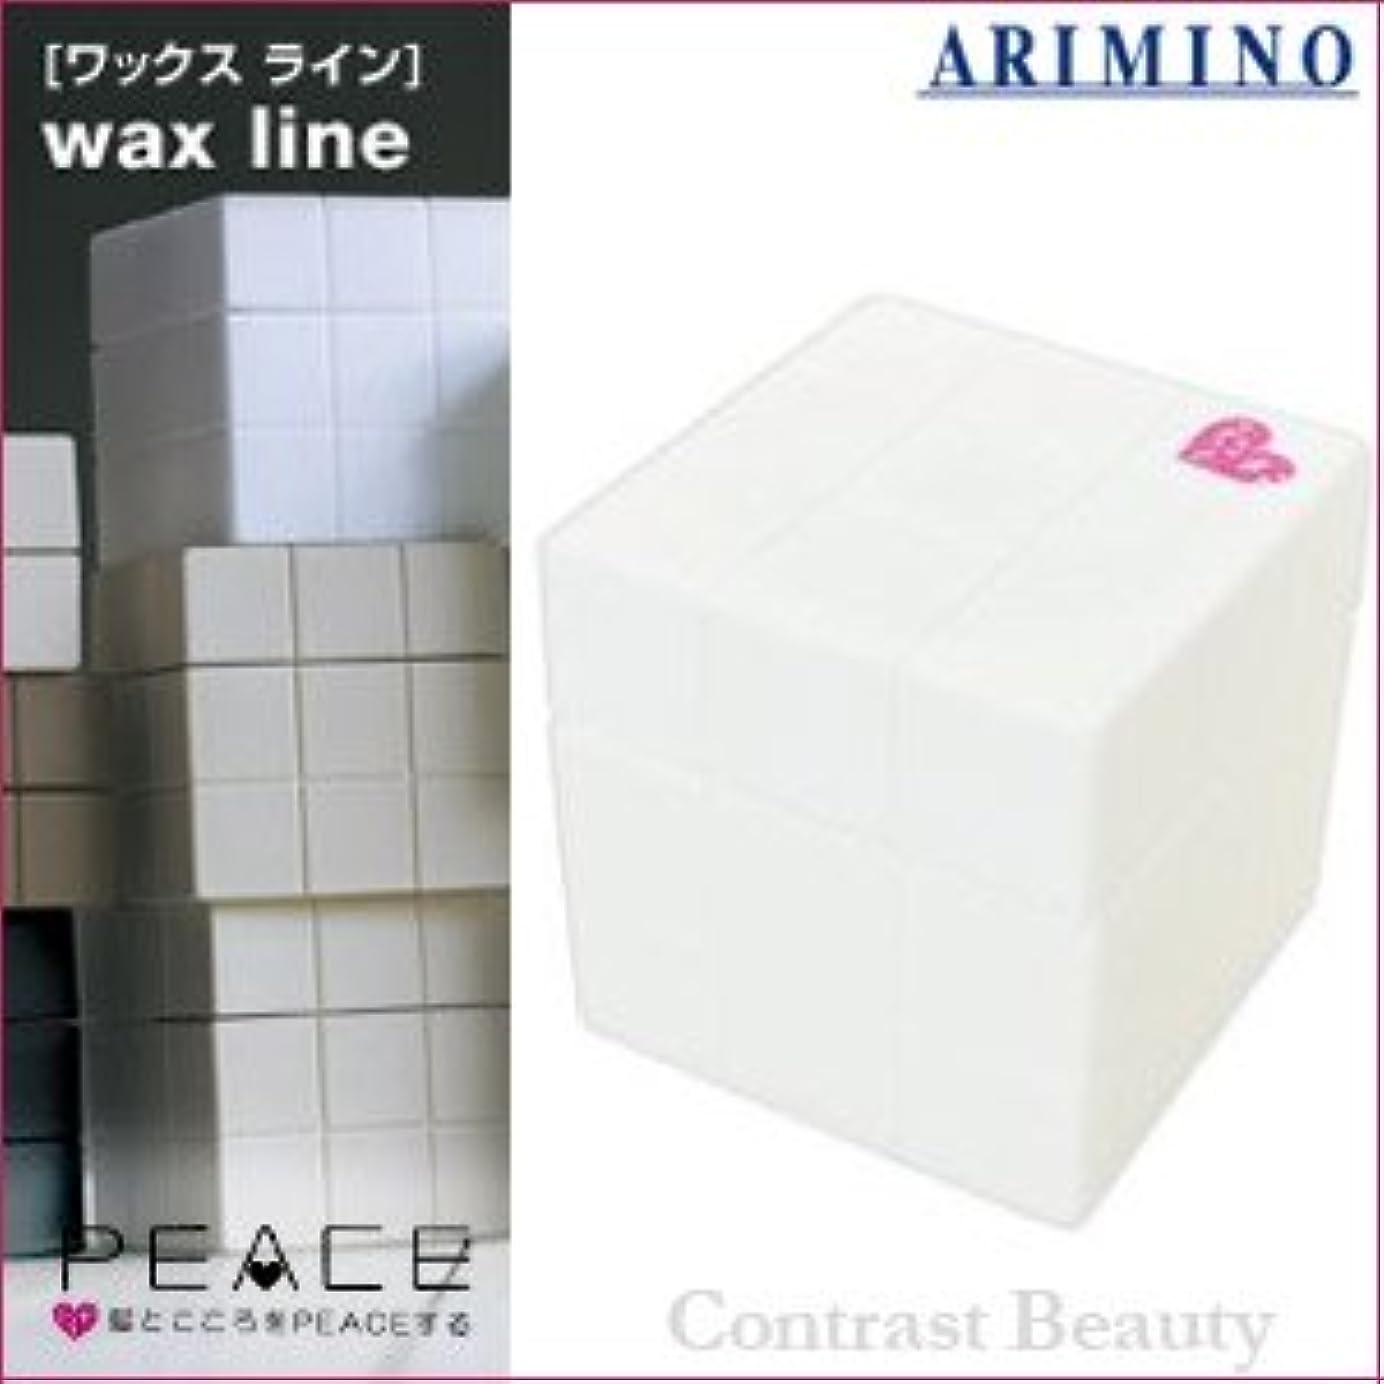 気づかない実質的軍【X5個セット】 アリミノ ピース プロデザインシリーズ グロスワックス ホワイト 80g ARIMINO